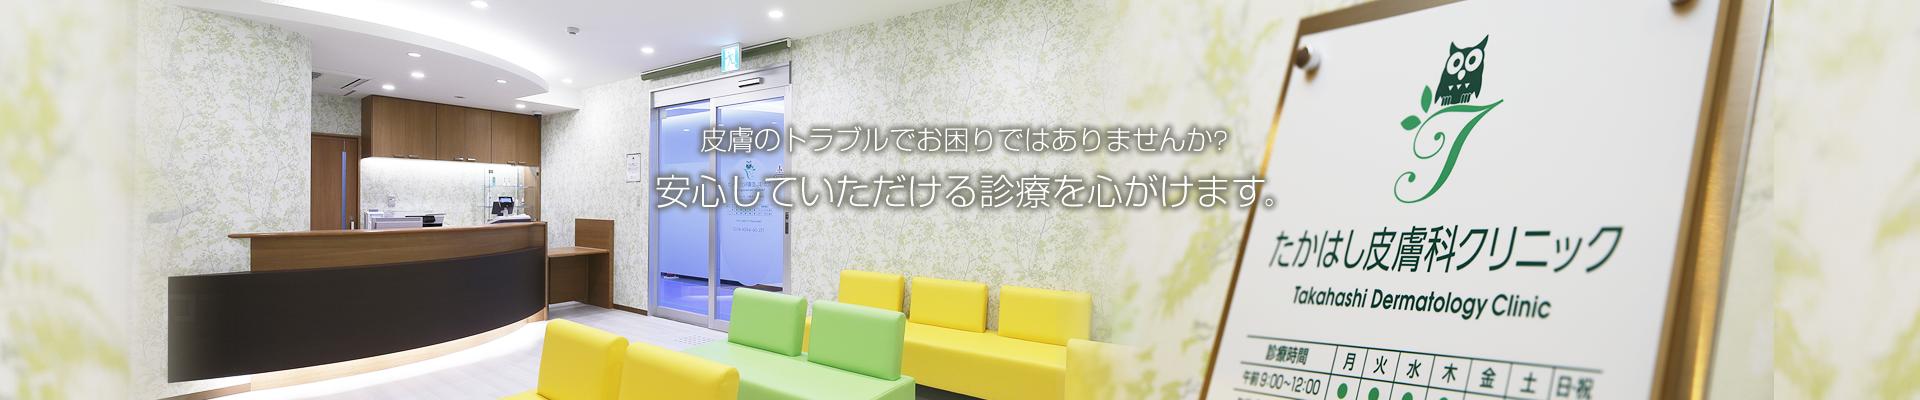 兵庫県尼崎市猪名寺の皮膚科 「たかはし皮膚科クリニック」